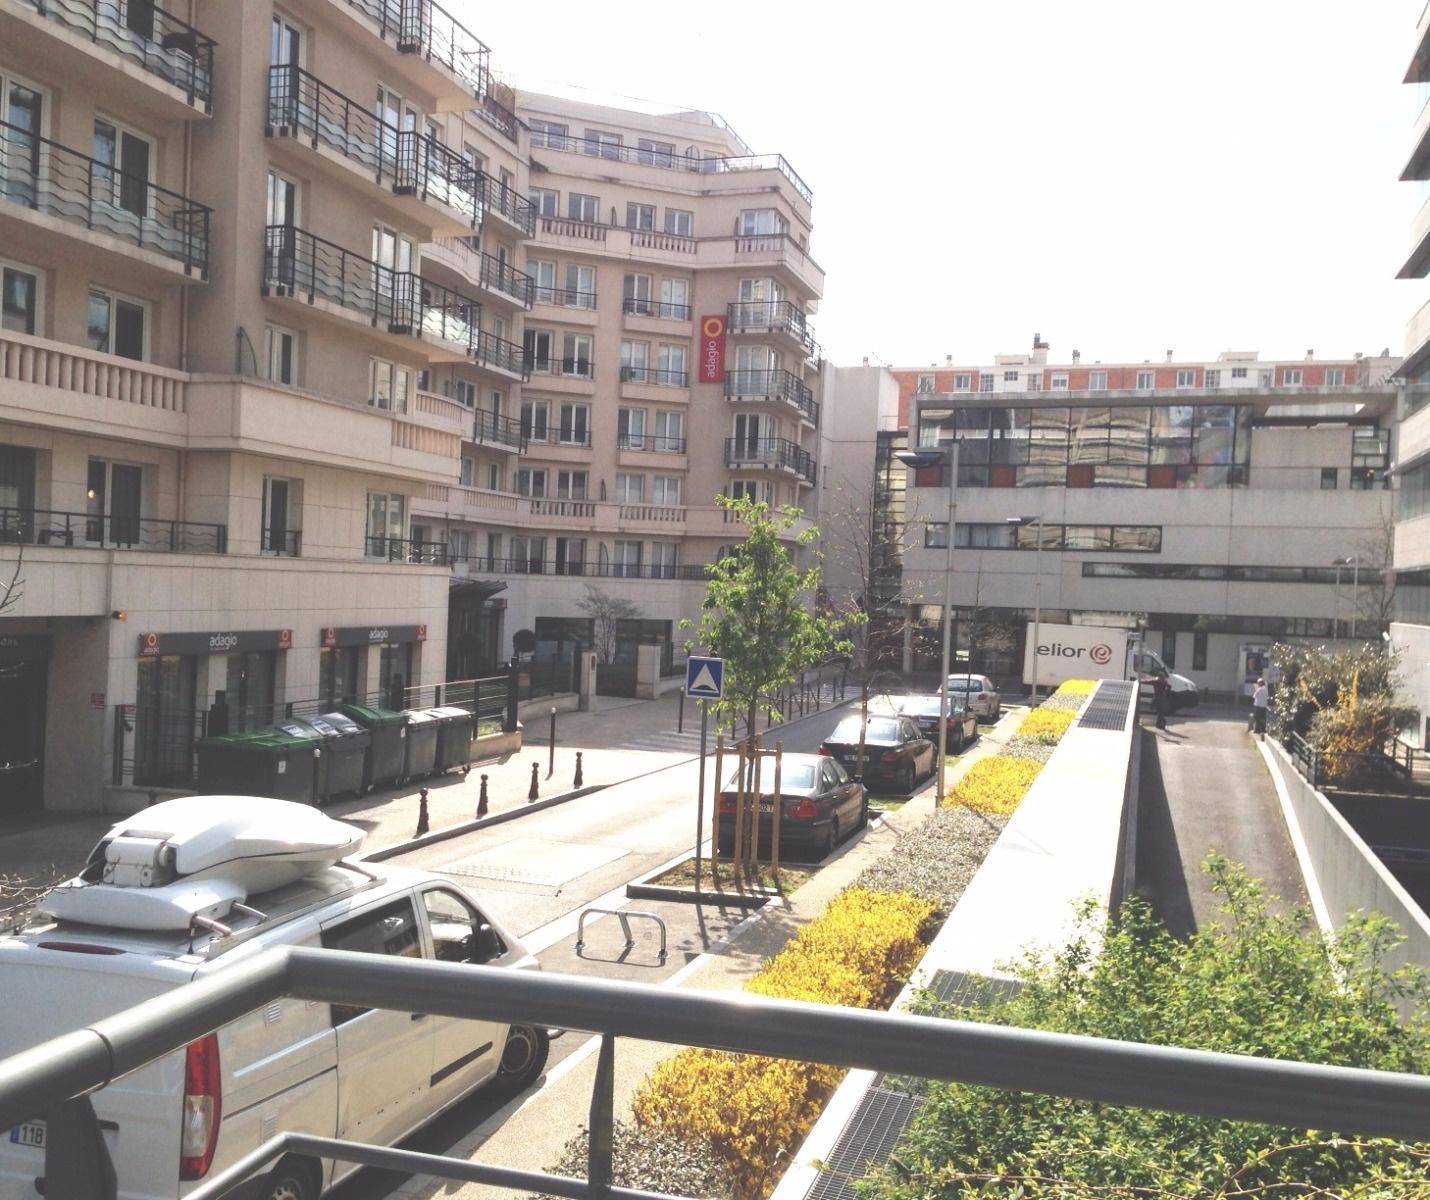 Annonce vente appartement paris 15 51 m 440 000 for Vente appartement paris